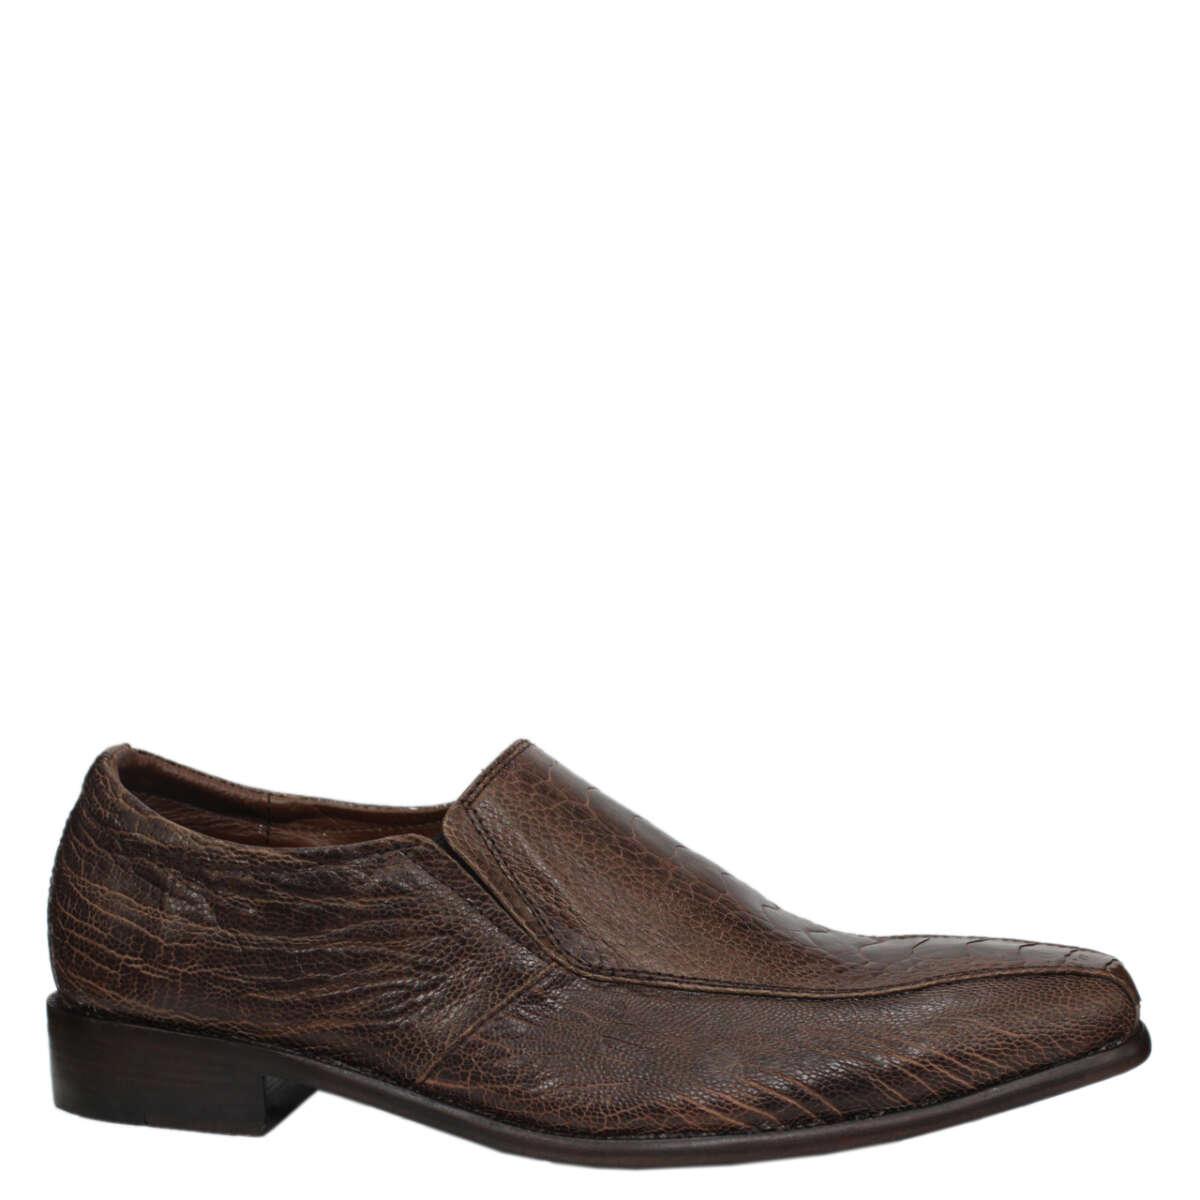 Giày nam da đà điểu E863a